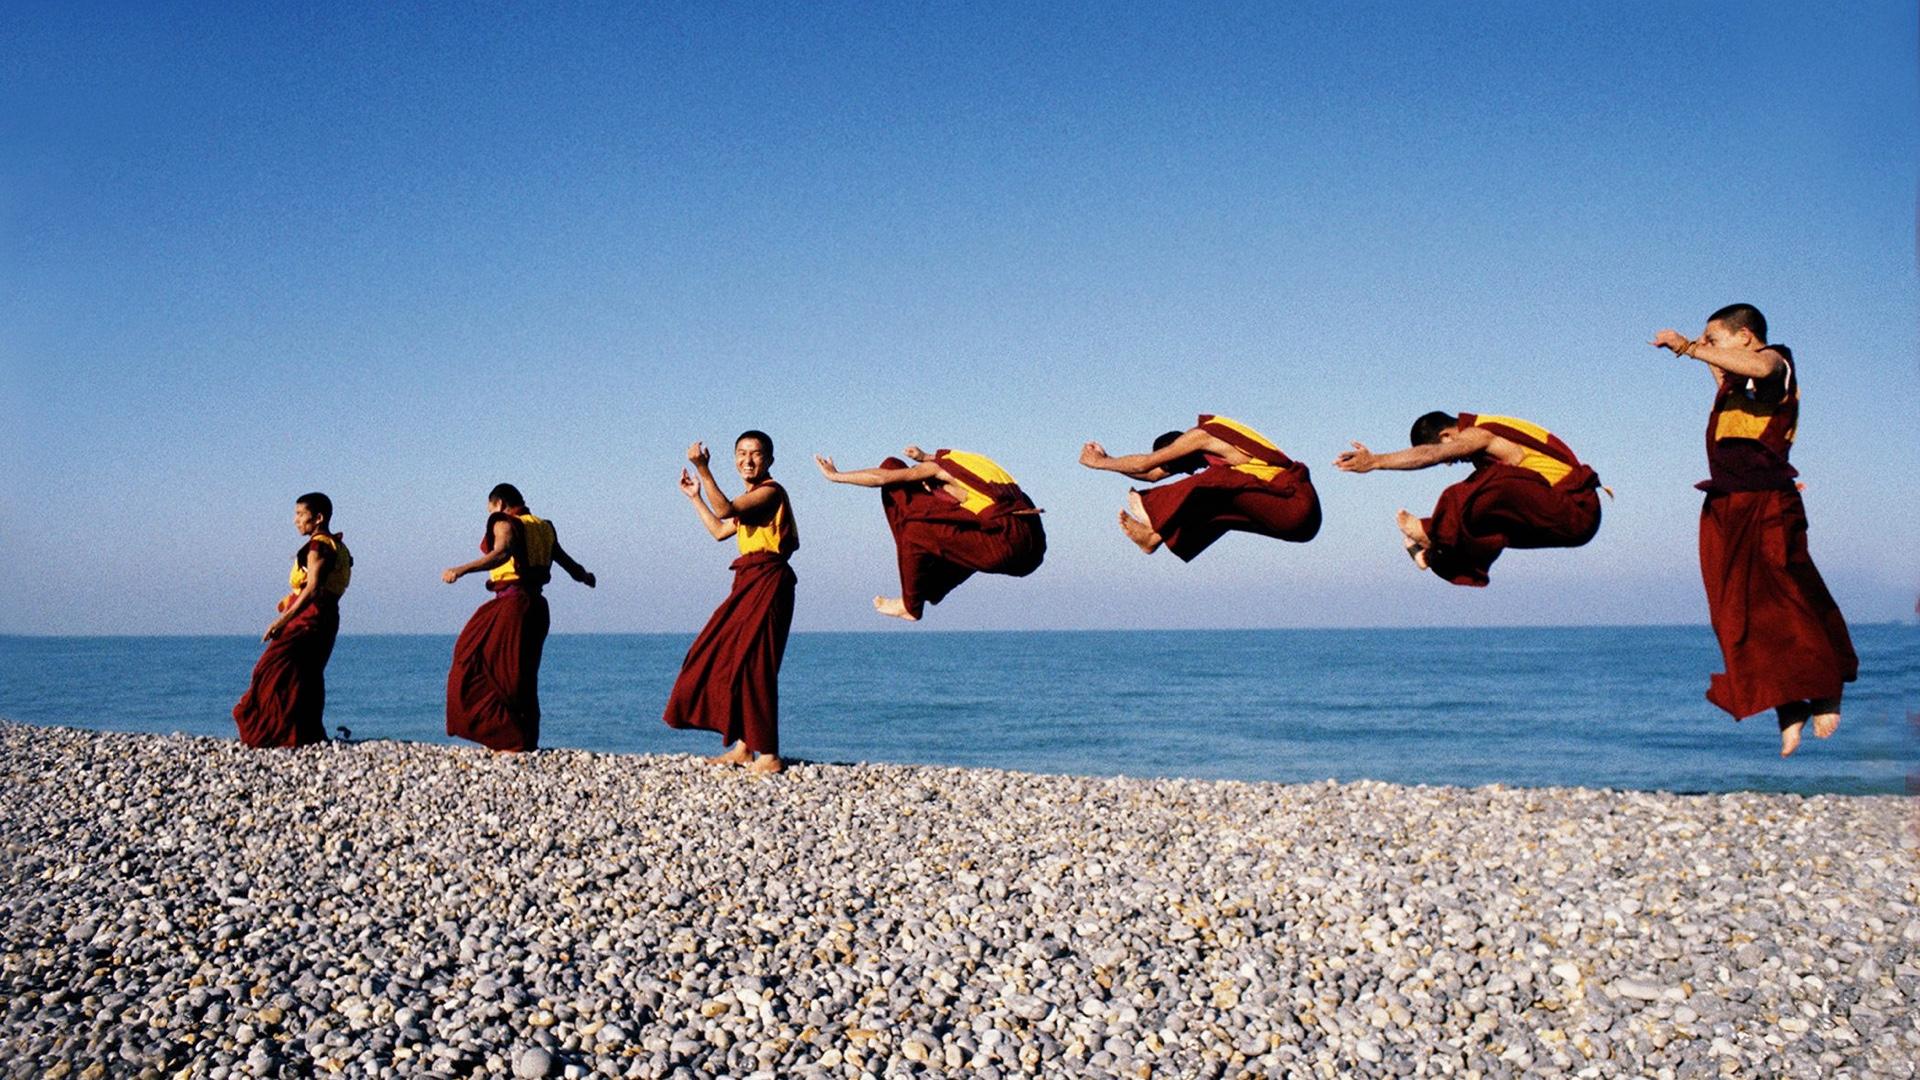 Matthieu Ricard, fotos de um monge budista